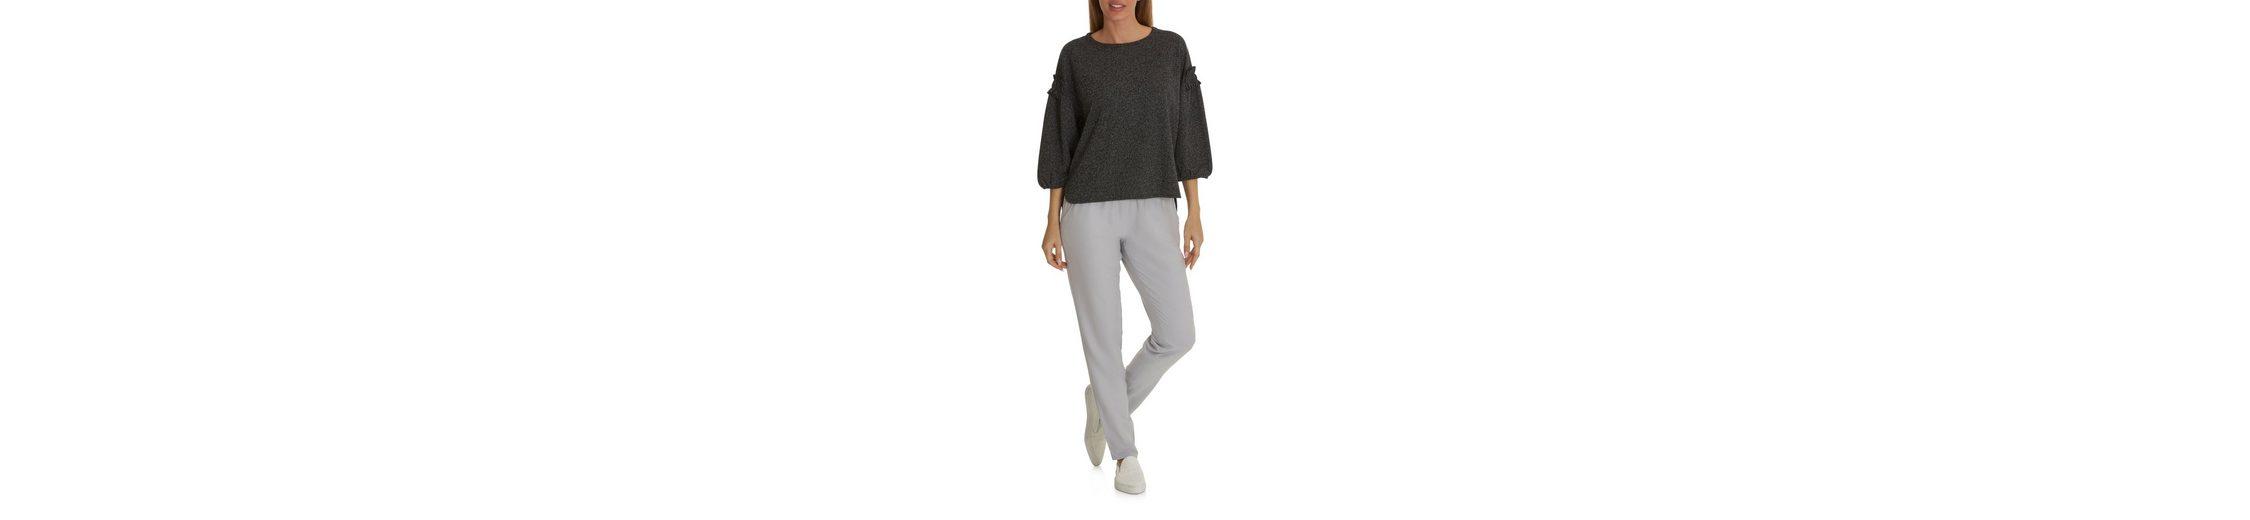 Niedrige Versandgebühr Günstiger Preis Betty&Co Sweatshirt mit Raffung Billig Heißen Verkauf Rabatt Footlocker nhMzrw5F